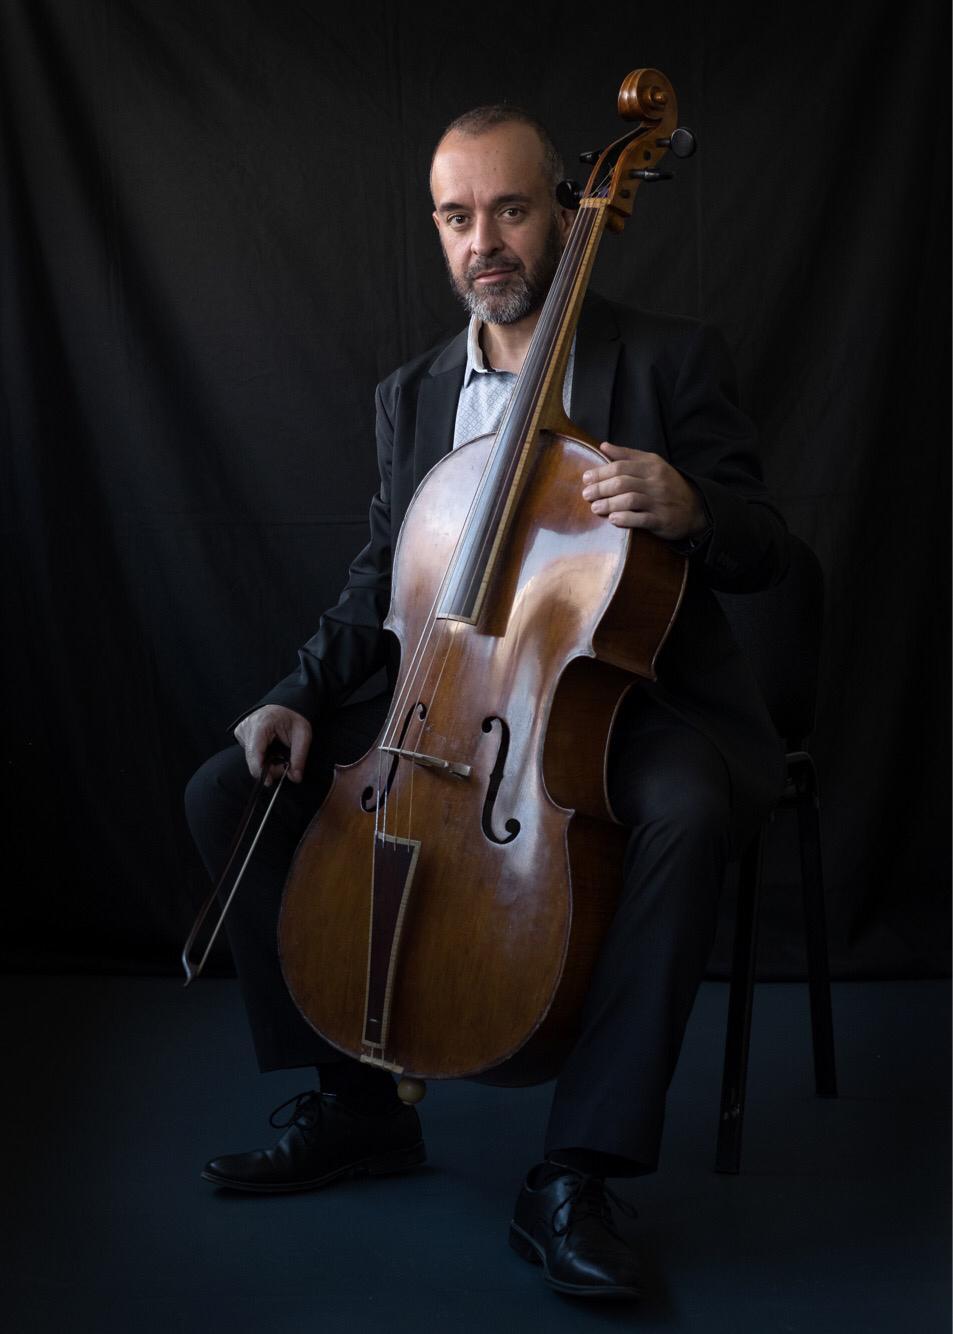 Carlos G. Amigo